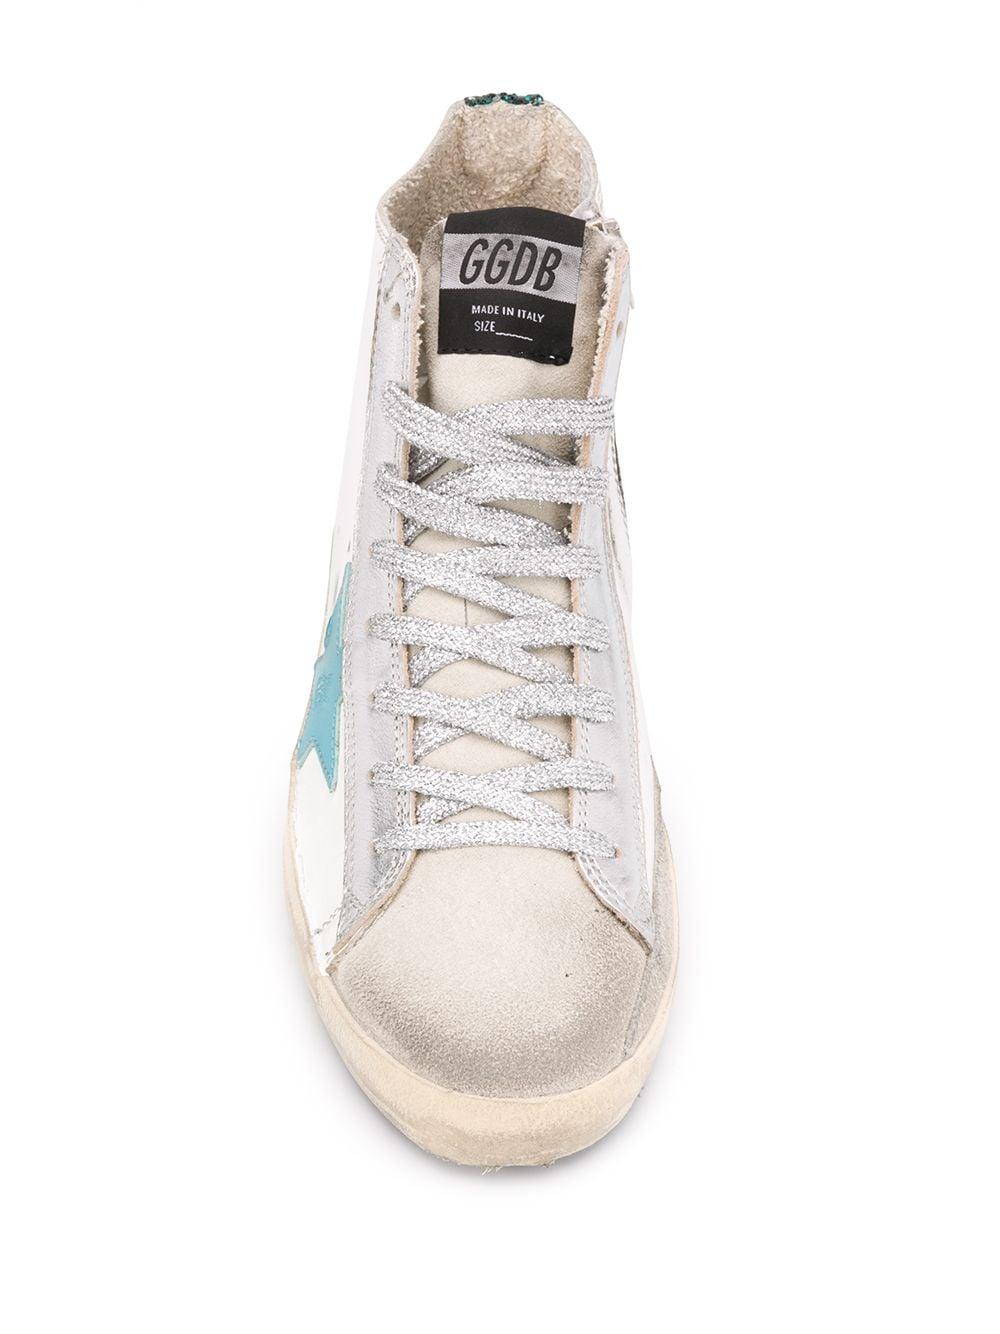 Picture of Golden Goose Deluxe Brand | Francy Sneakers